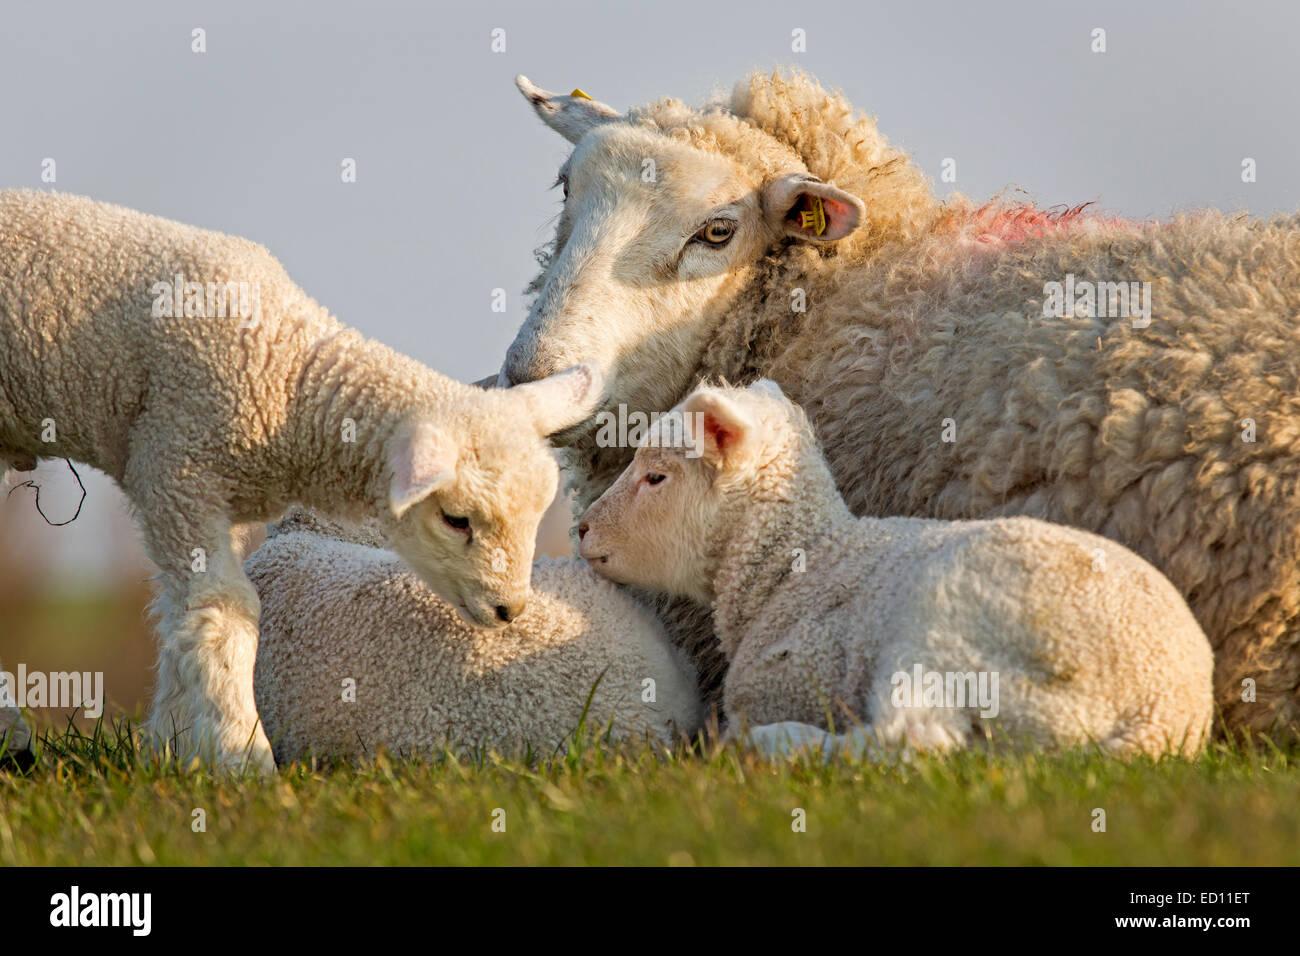 Les brebis avec les jeunes animaux, Frise du Nord, Schleswig-Holstein, Allemagne, Europe Photo Stock